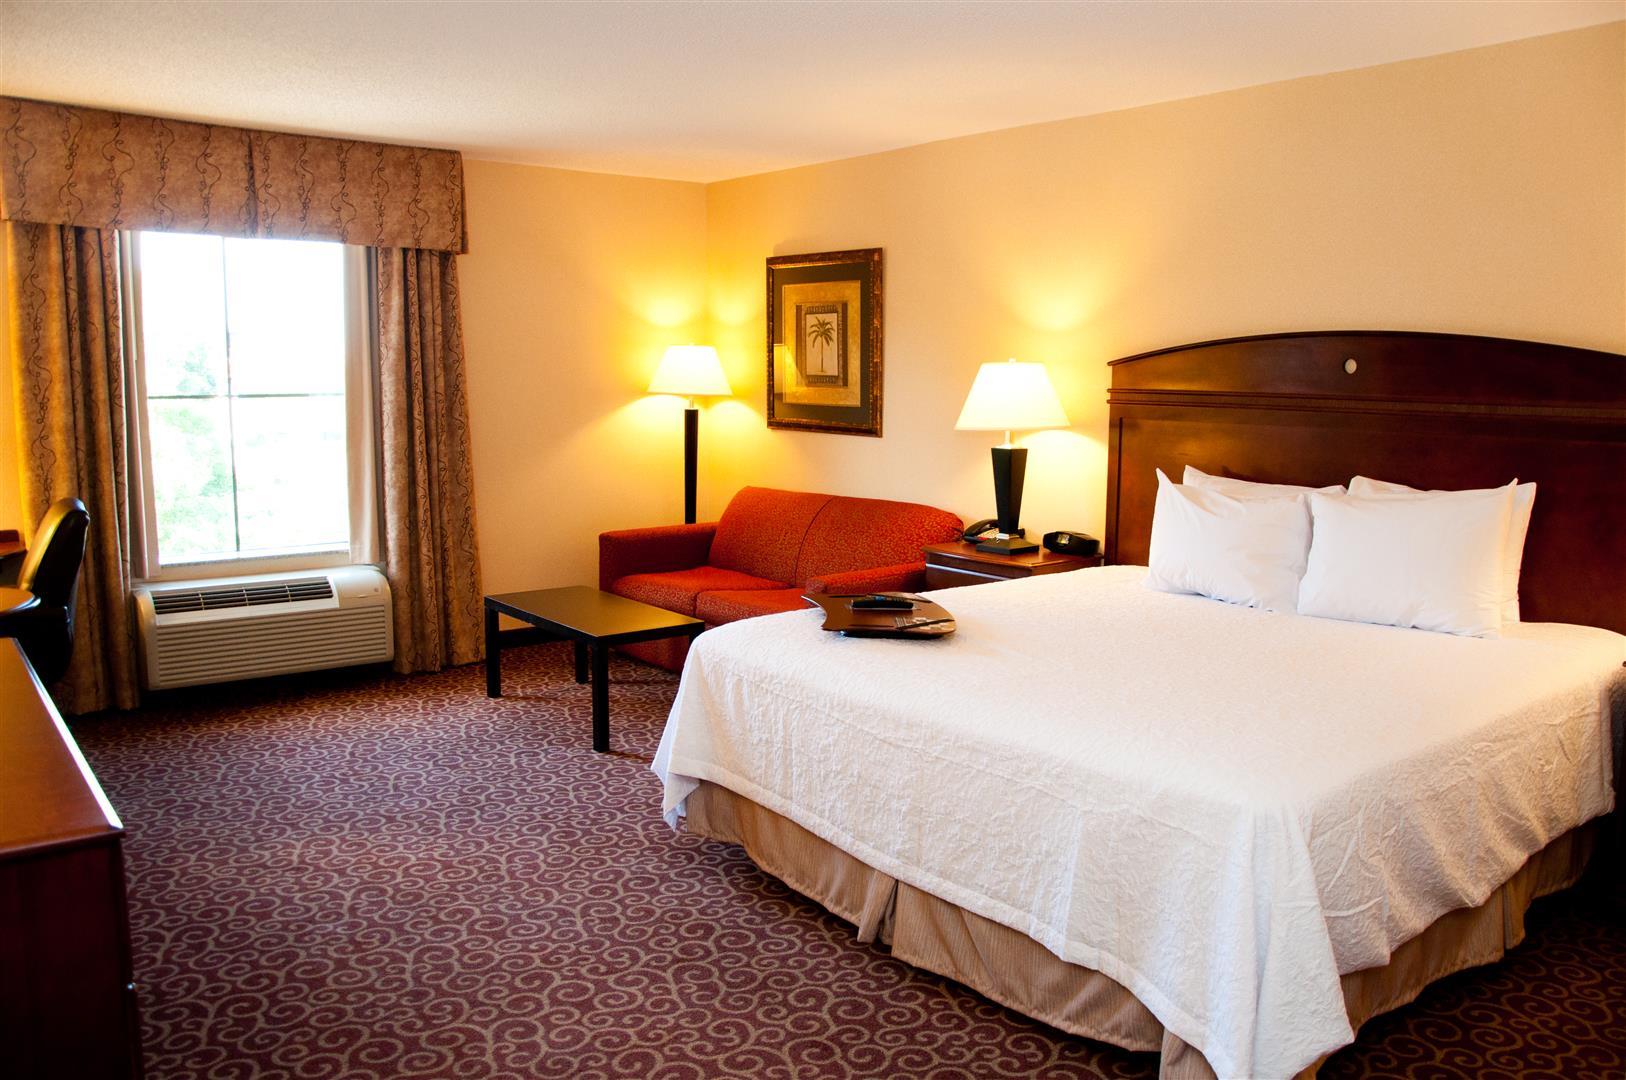 東溫莎漢普頓酒店